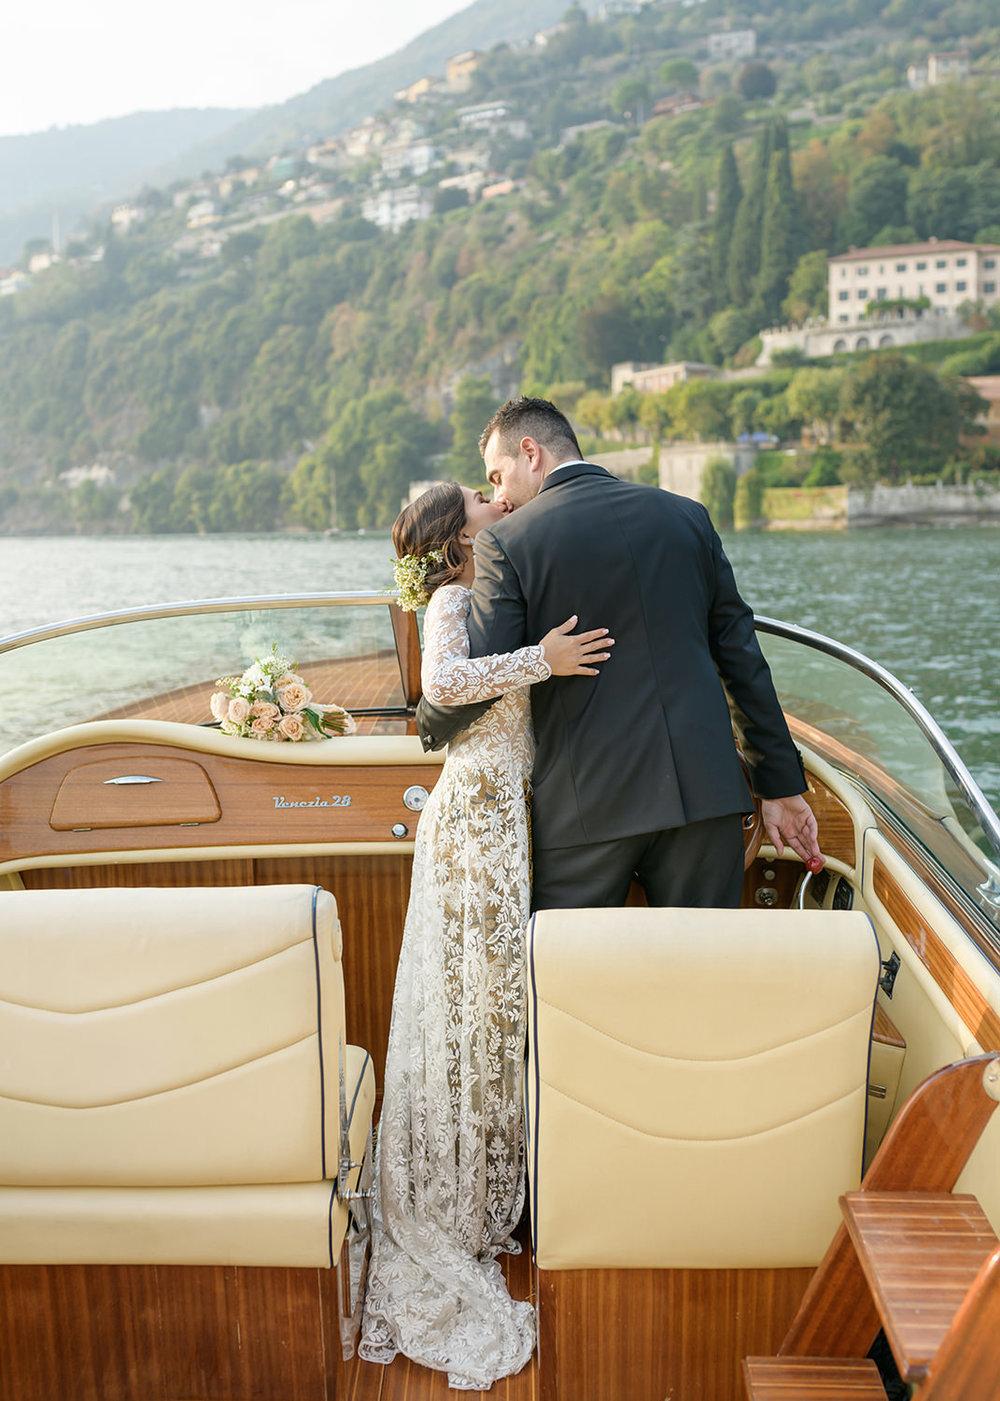 villa-pizzo-wedding-photographer-F&E-©bottega53-49.JPG